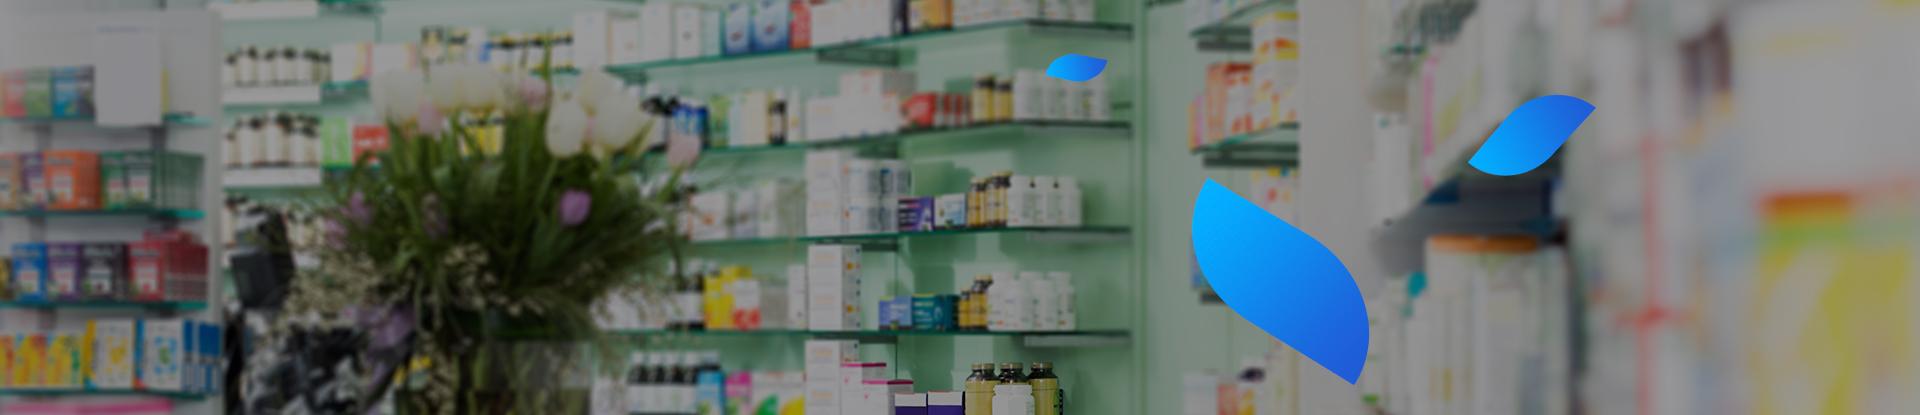 Больше, чем просто аптека